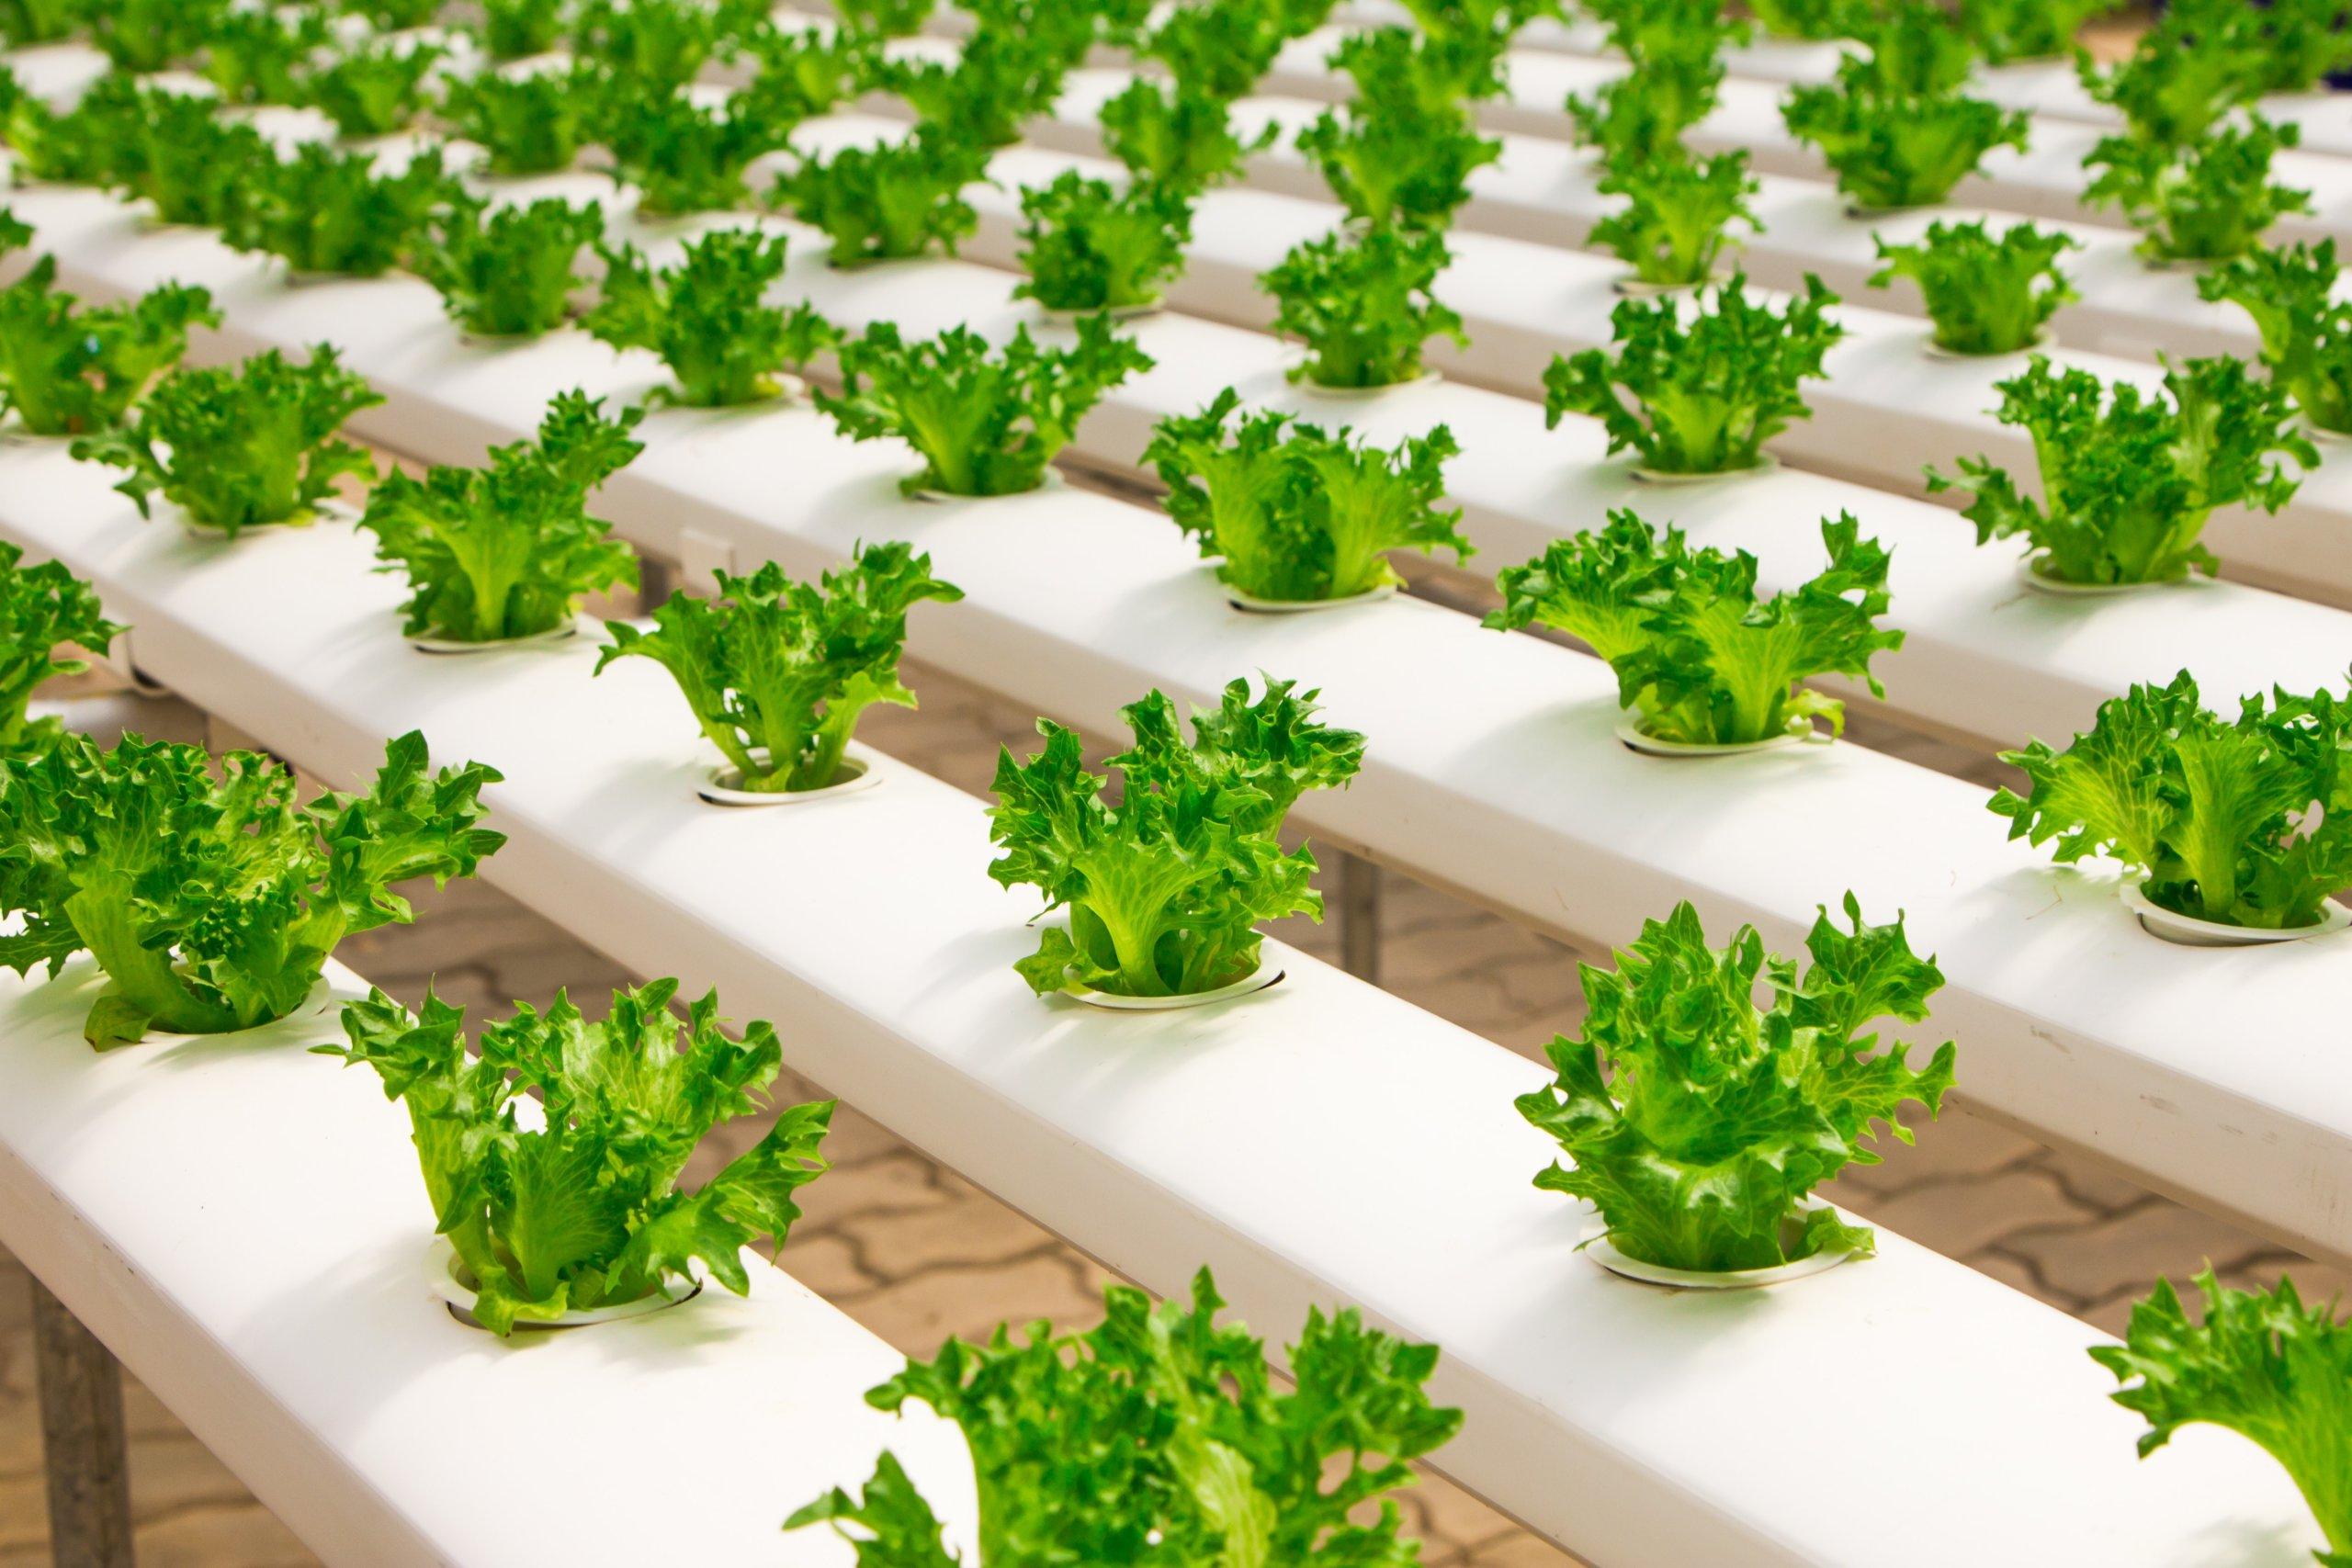 La technologie offre de nouvelles opportunités à l'agriculture dans le désert